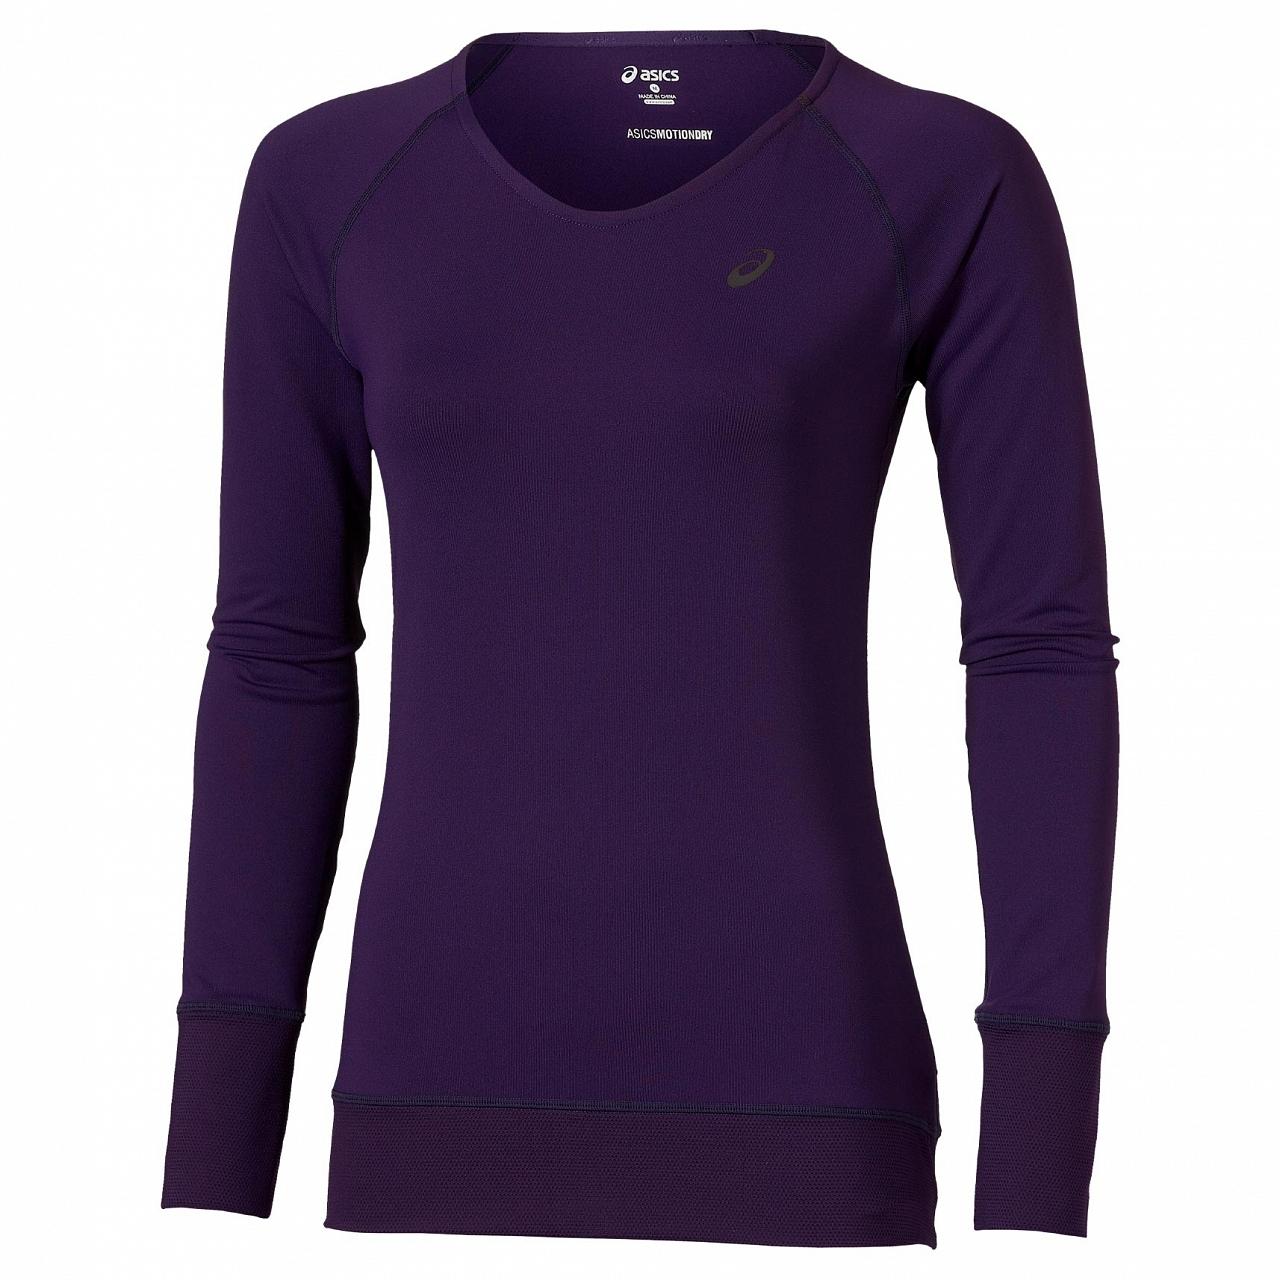 Женская футболка с длинным рукавом Asics Long Sleeve Tee (124668 0291)